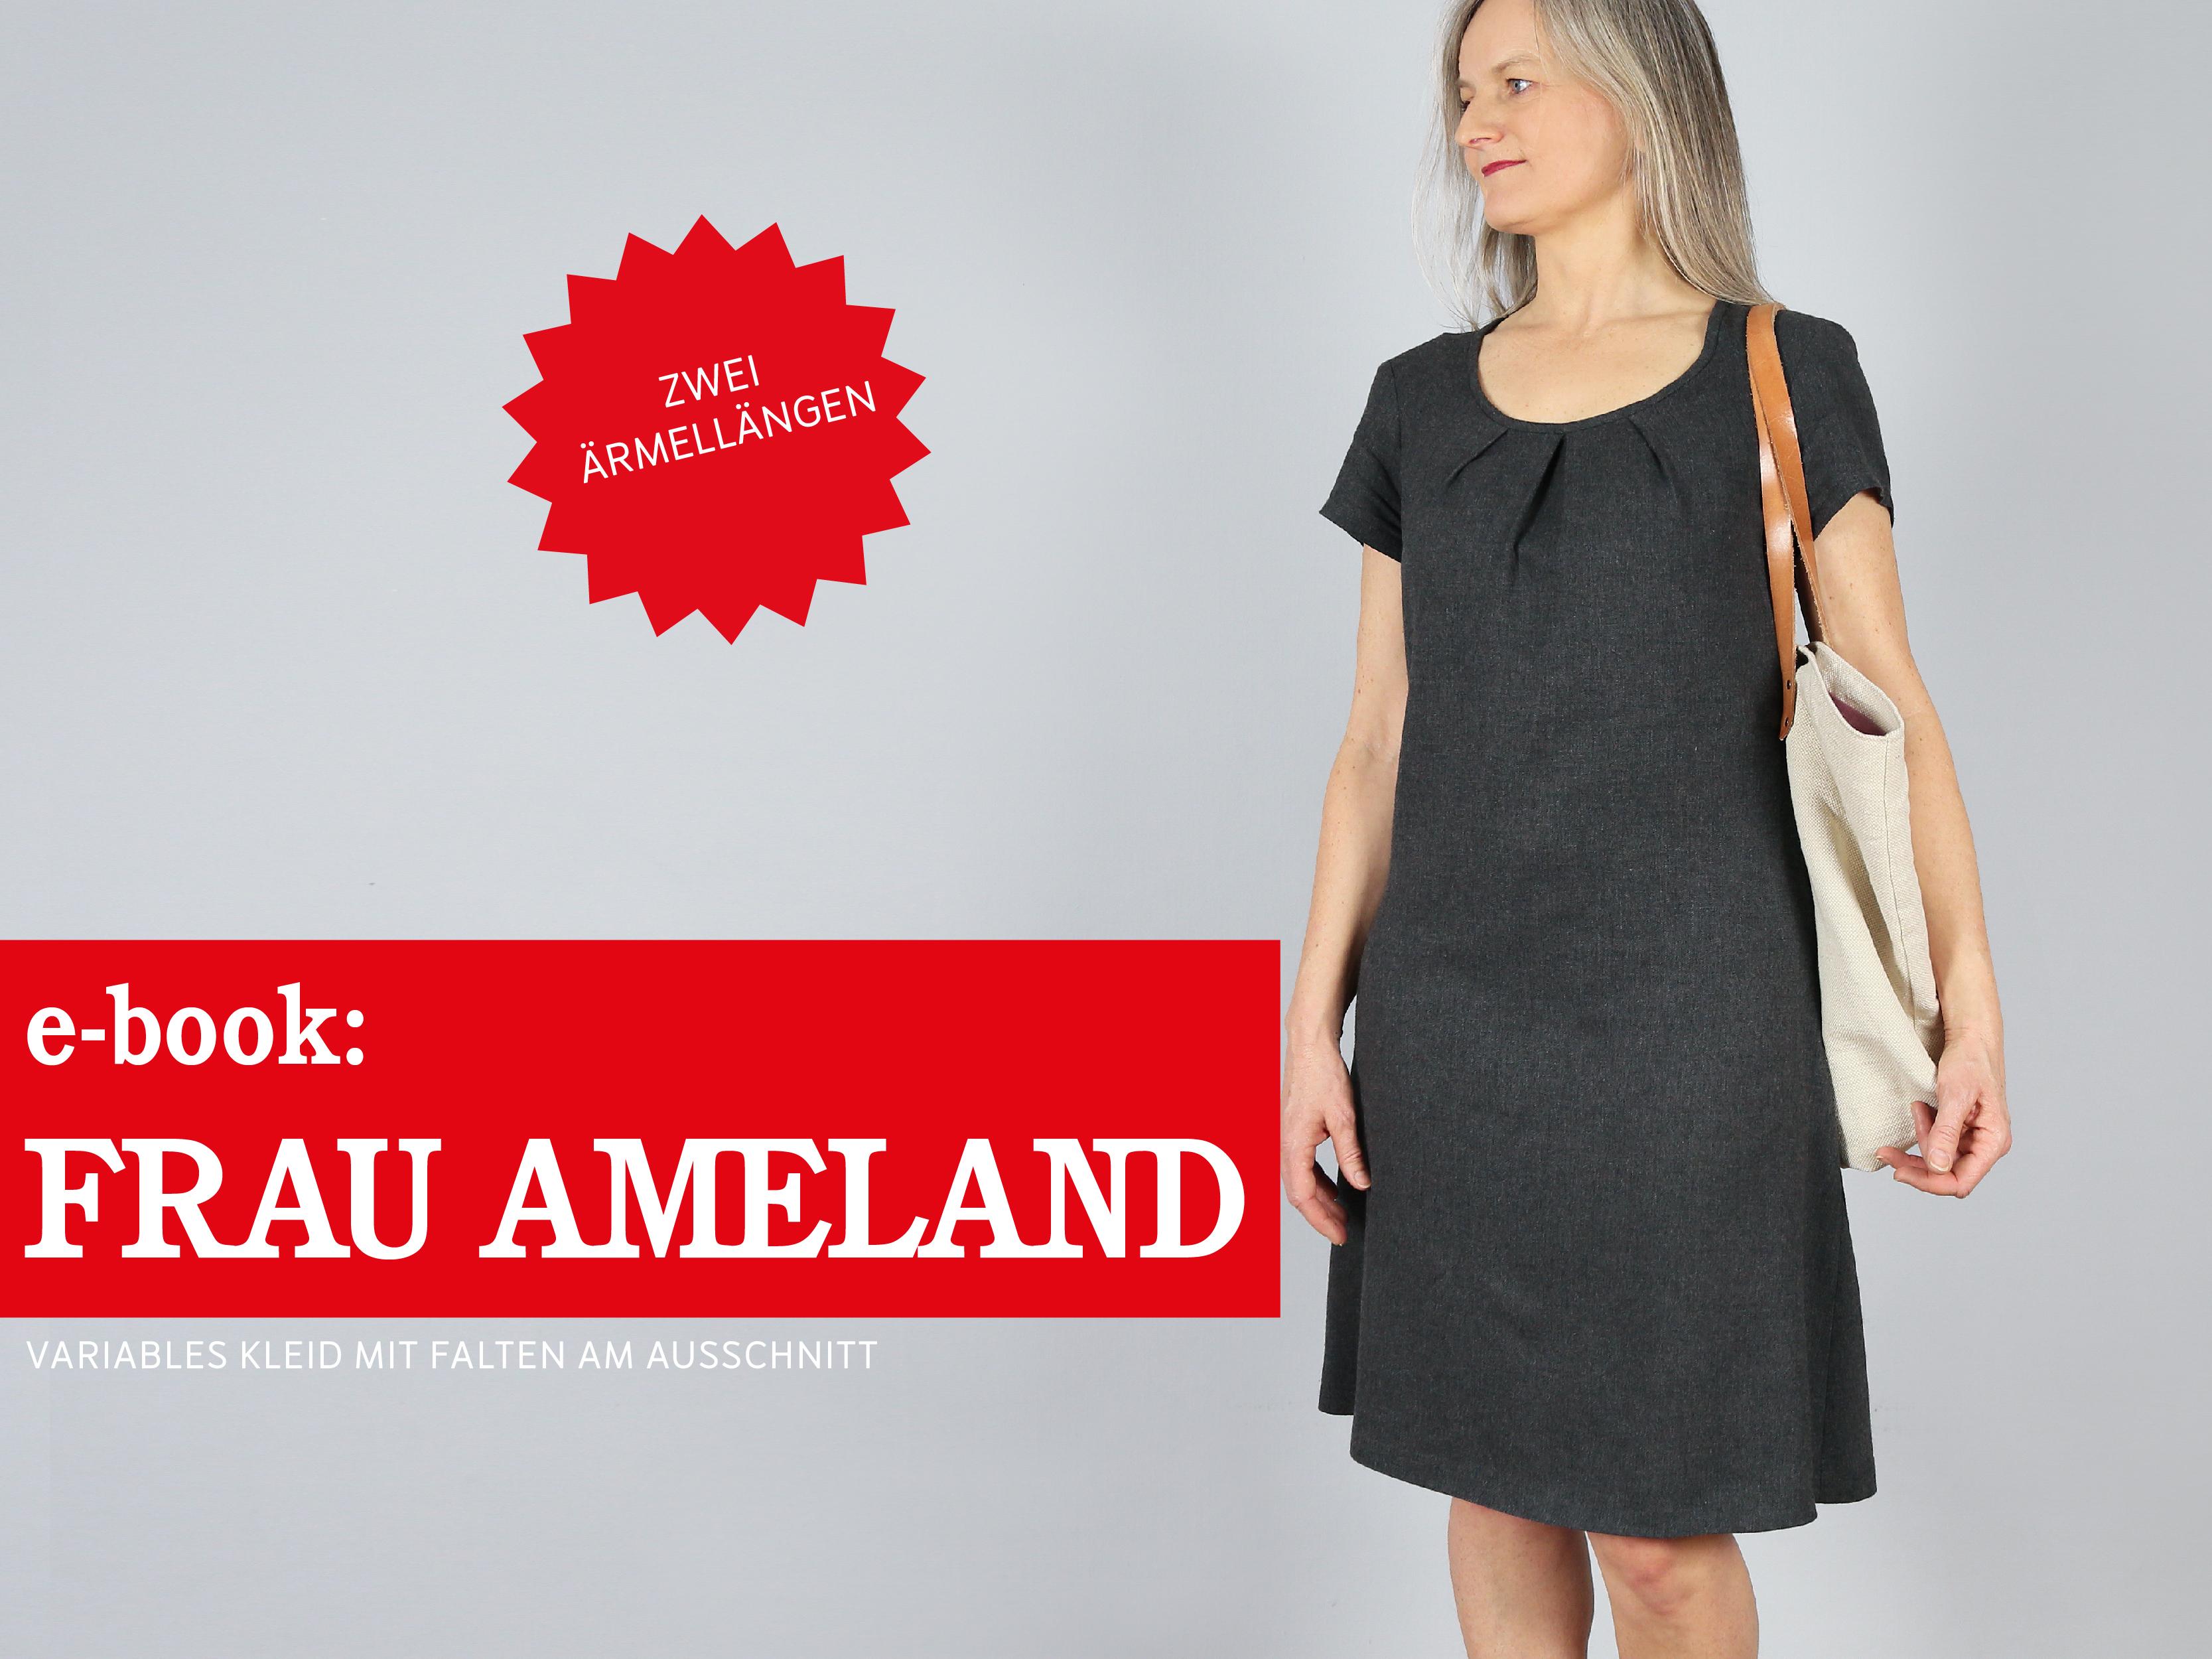 frau ameland kleid mit falten am ausschnitt, e-book